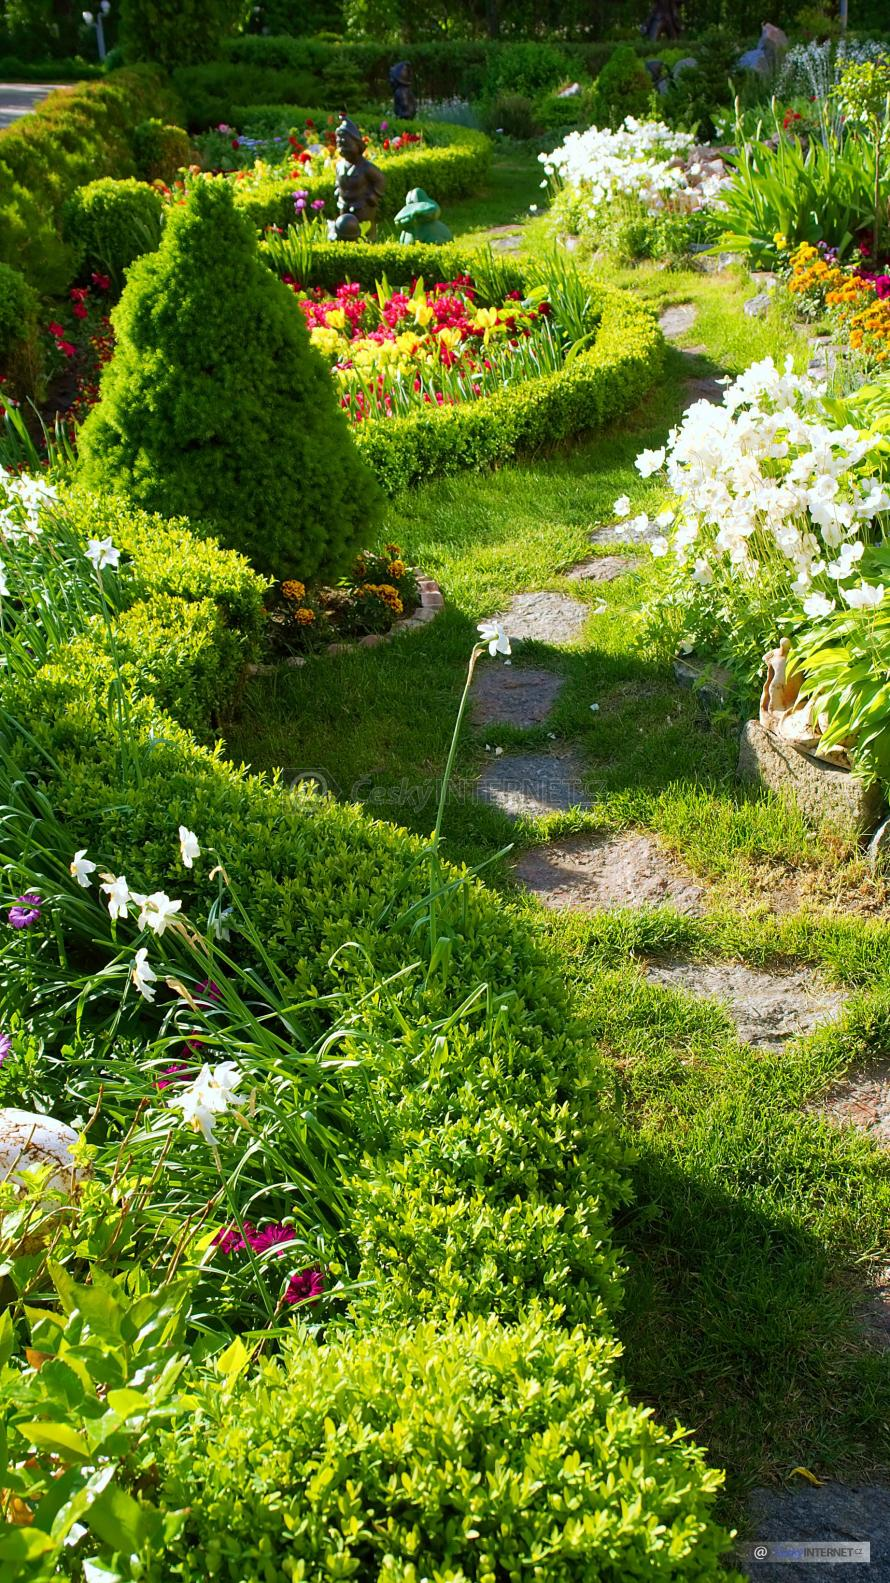 Okrasná zahrada protnutá pěšinou.